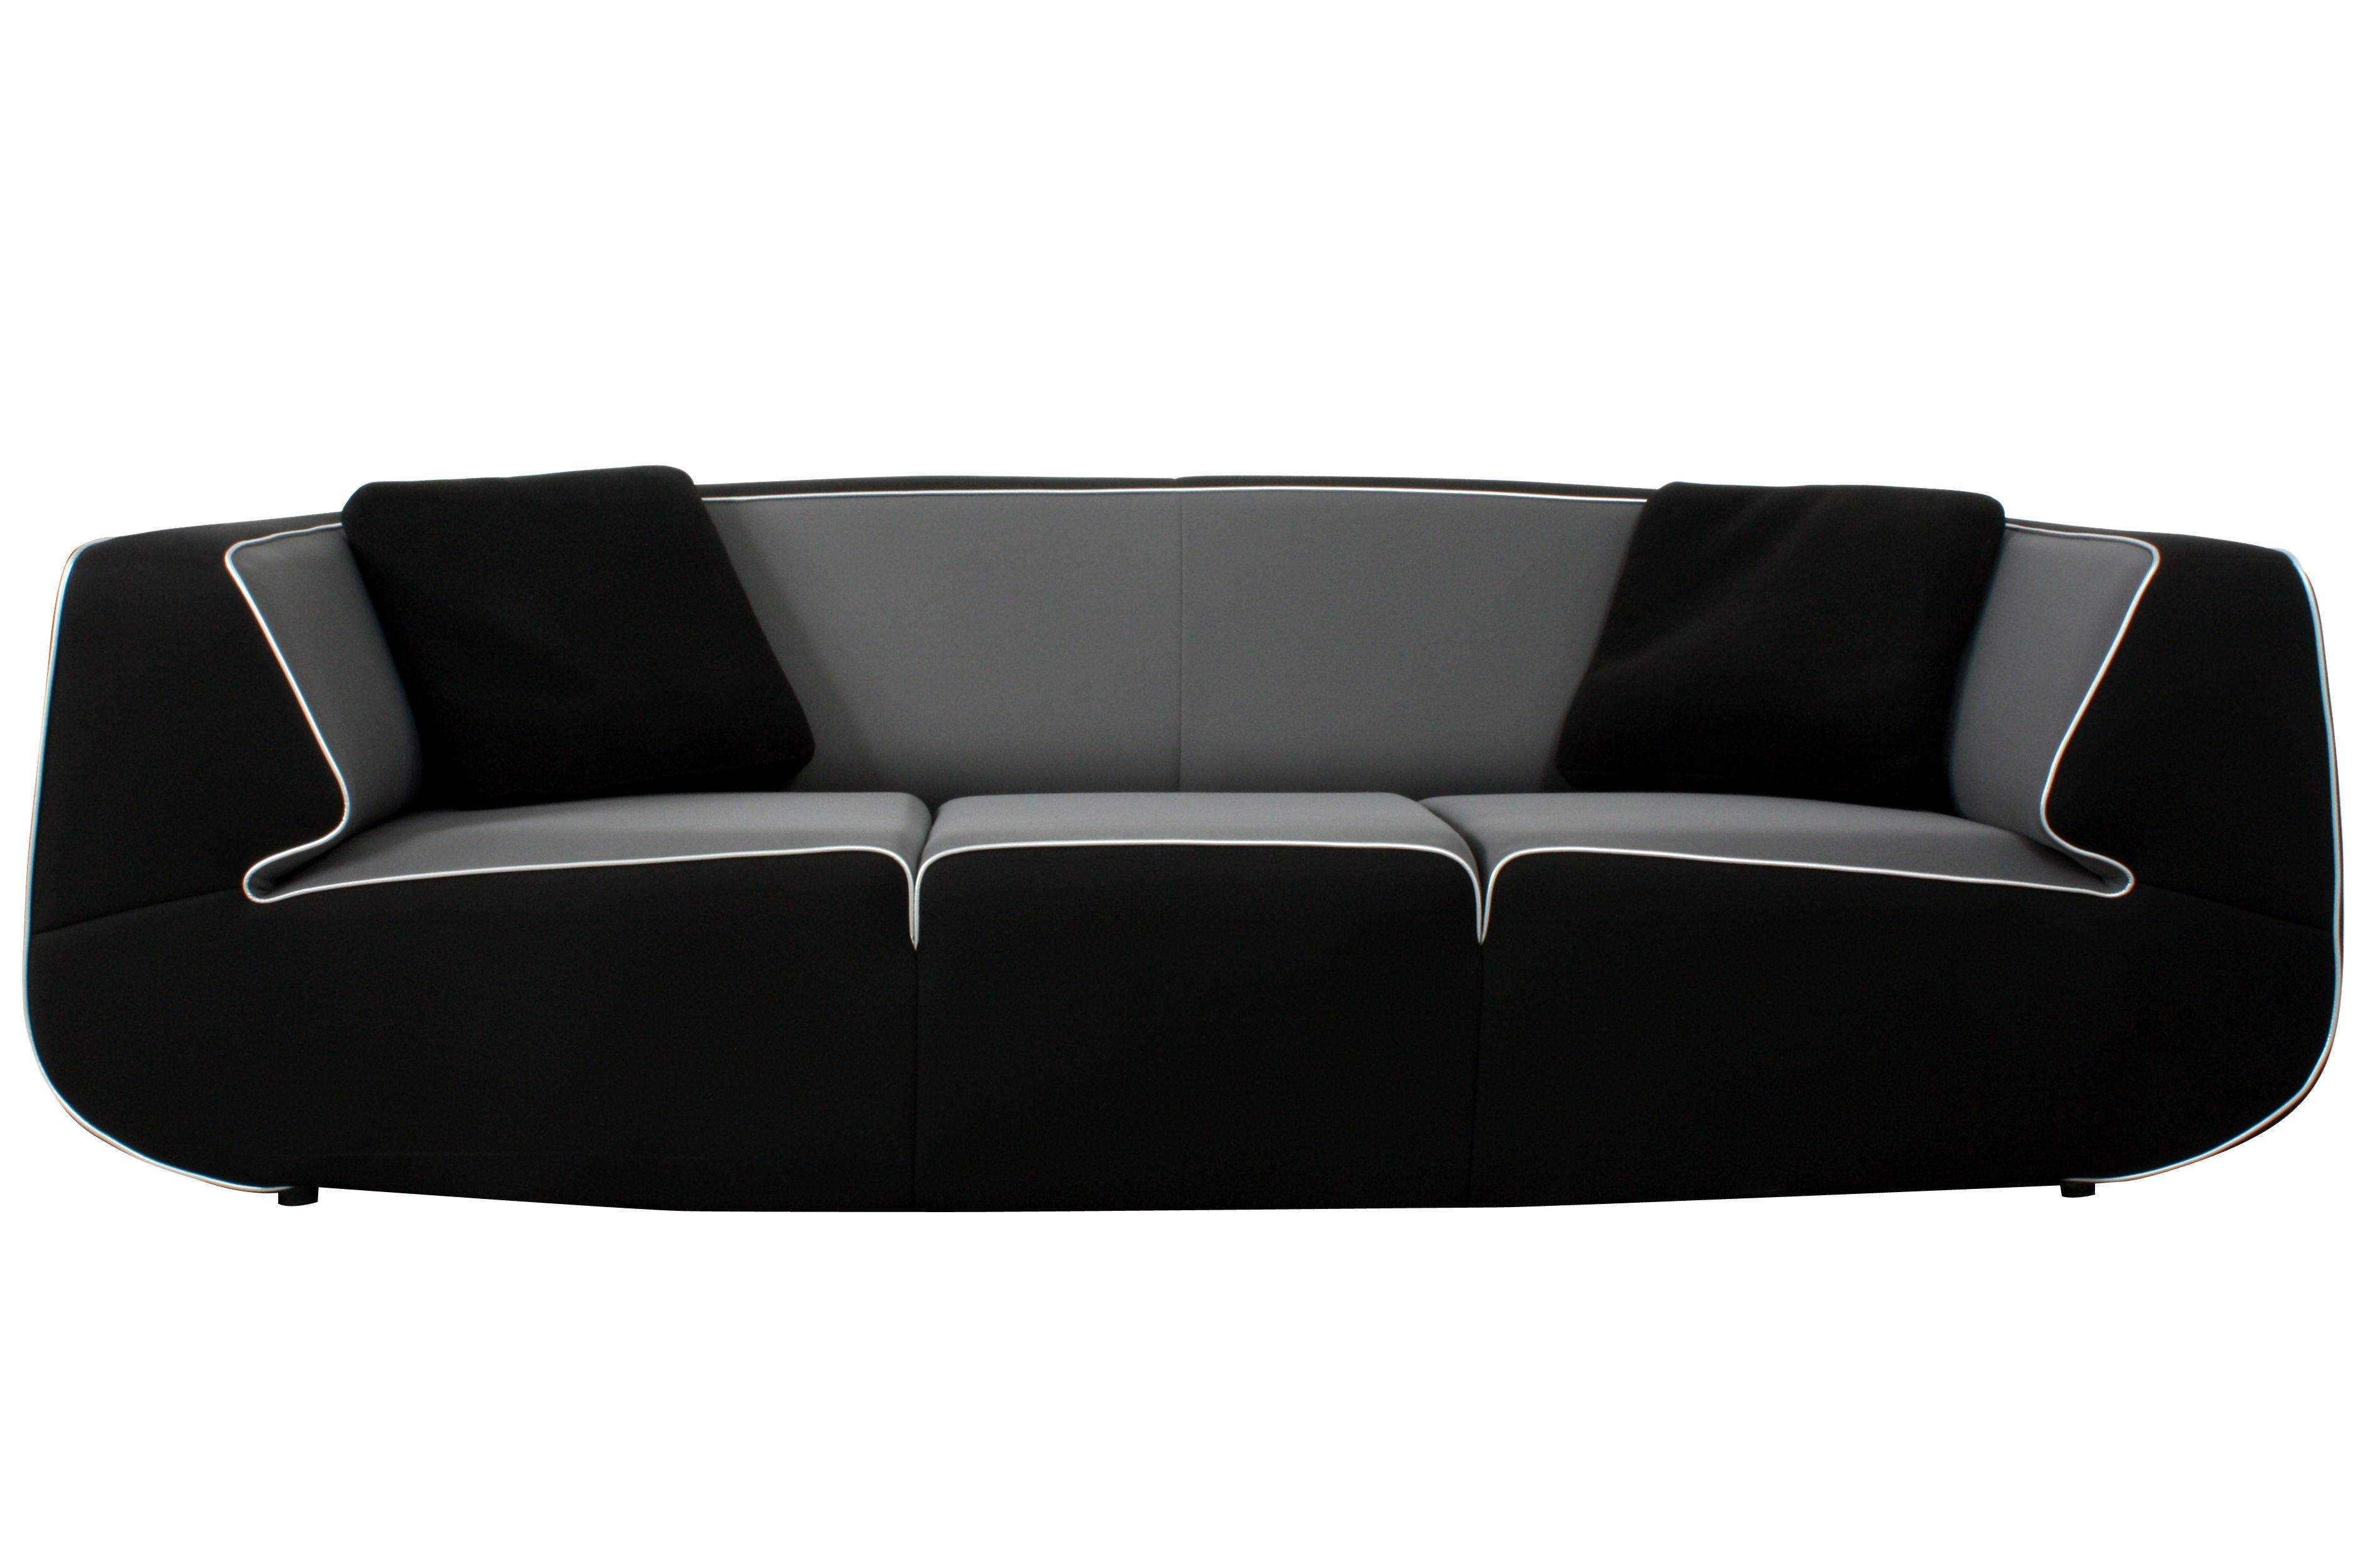 Mobilier - Canapés - Canapé droit Bump by Ora Ito / XL - 3 places - L 238 cm - Dunlopillo - Noir / Gris / Passepoil argent - Tissu